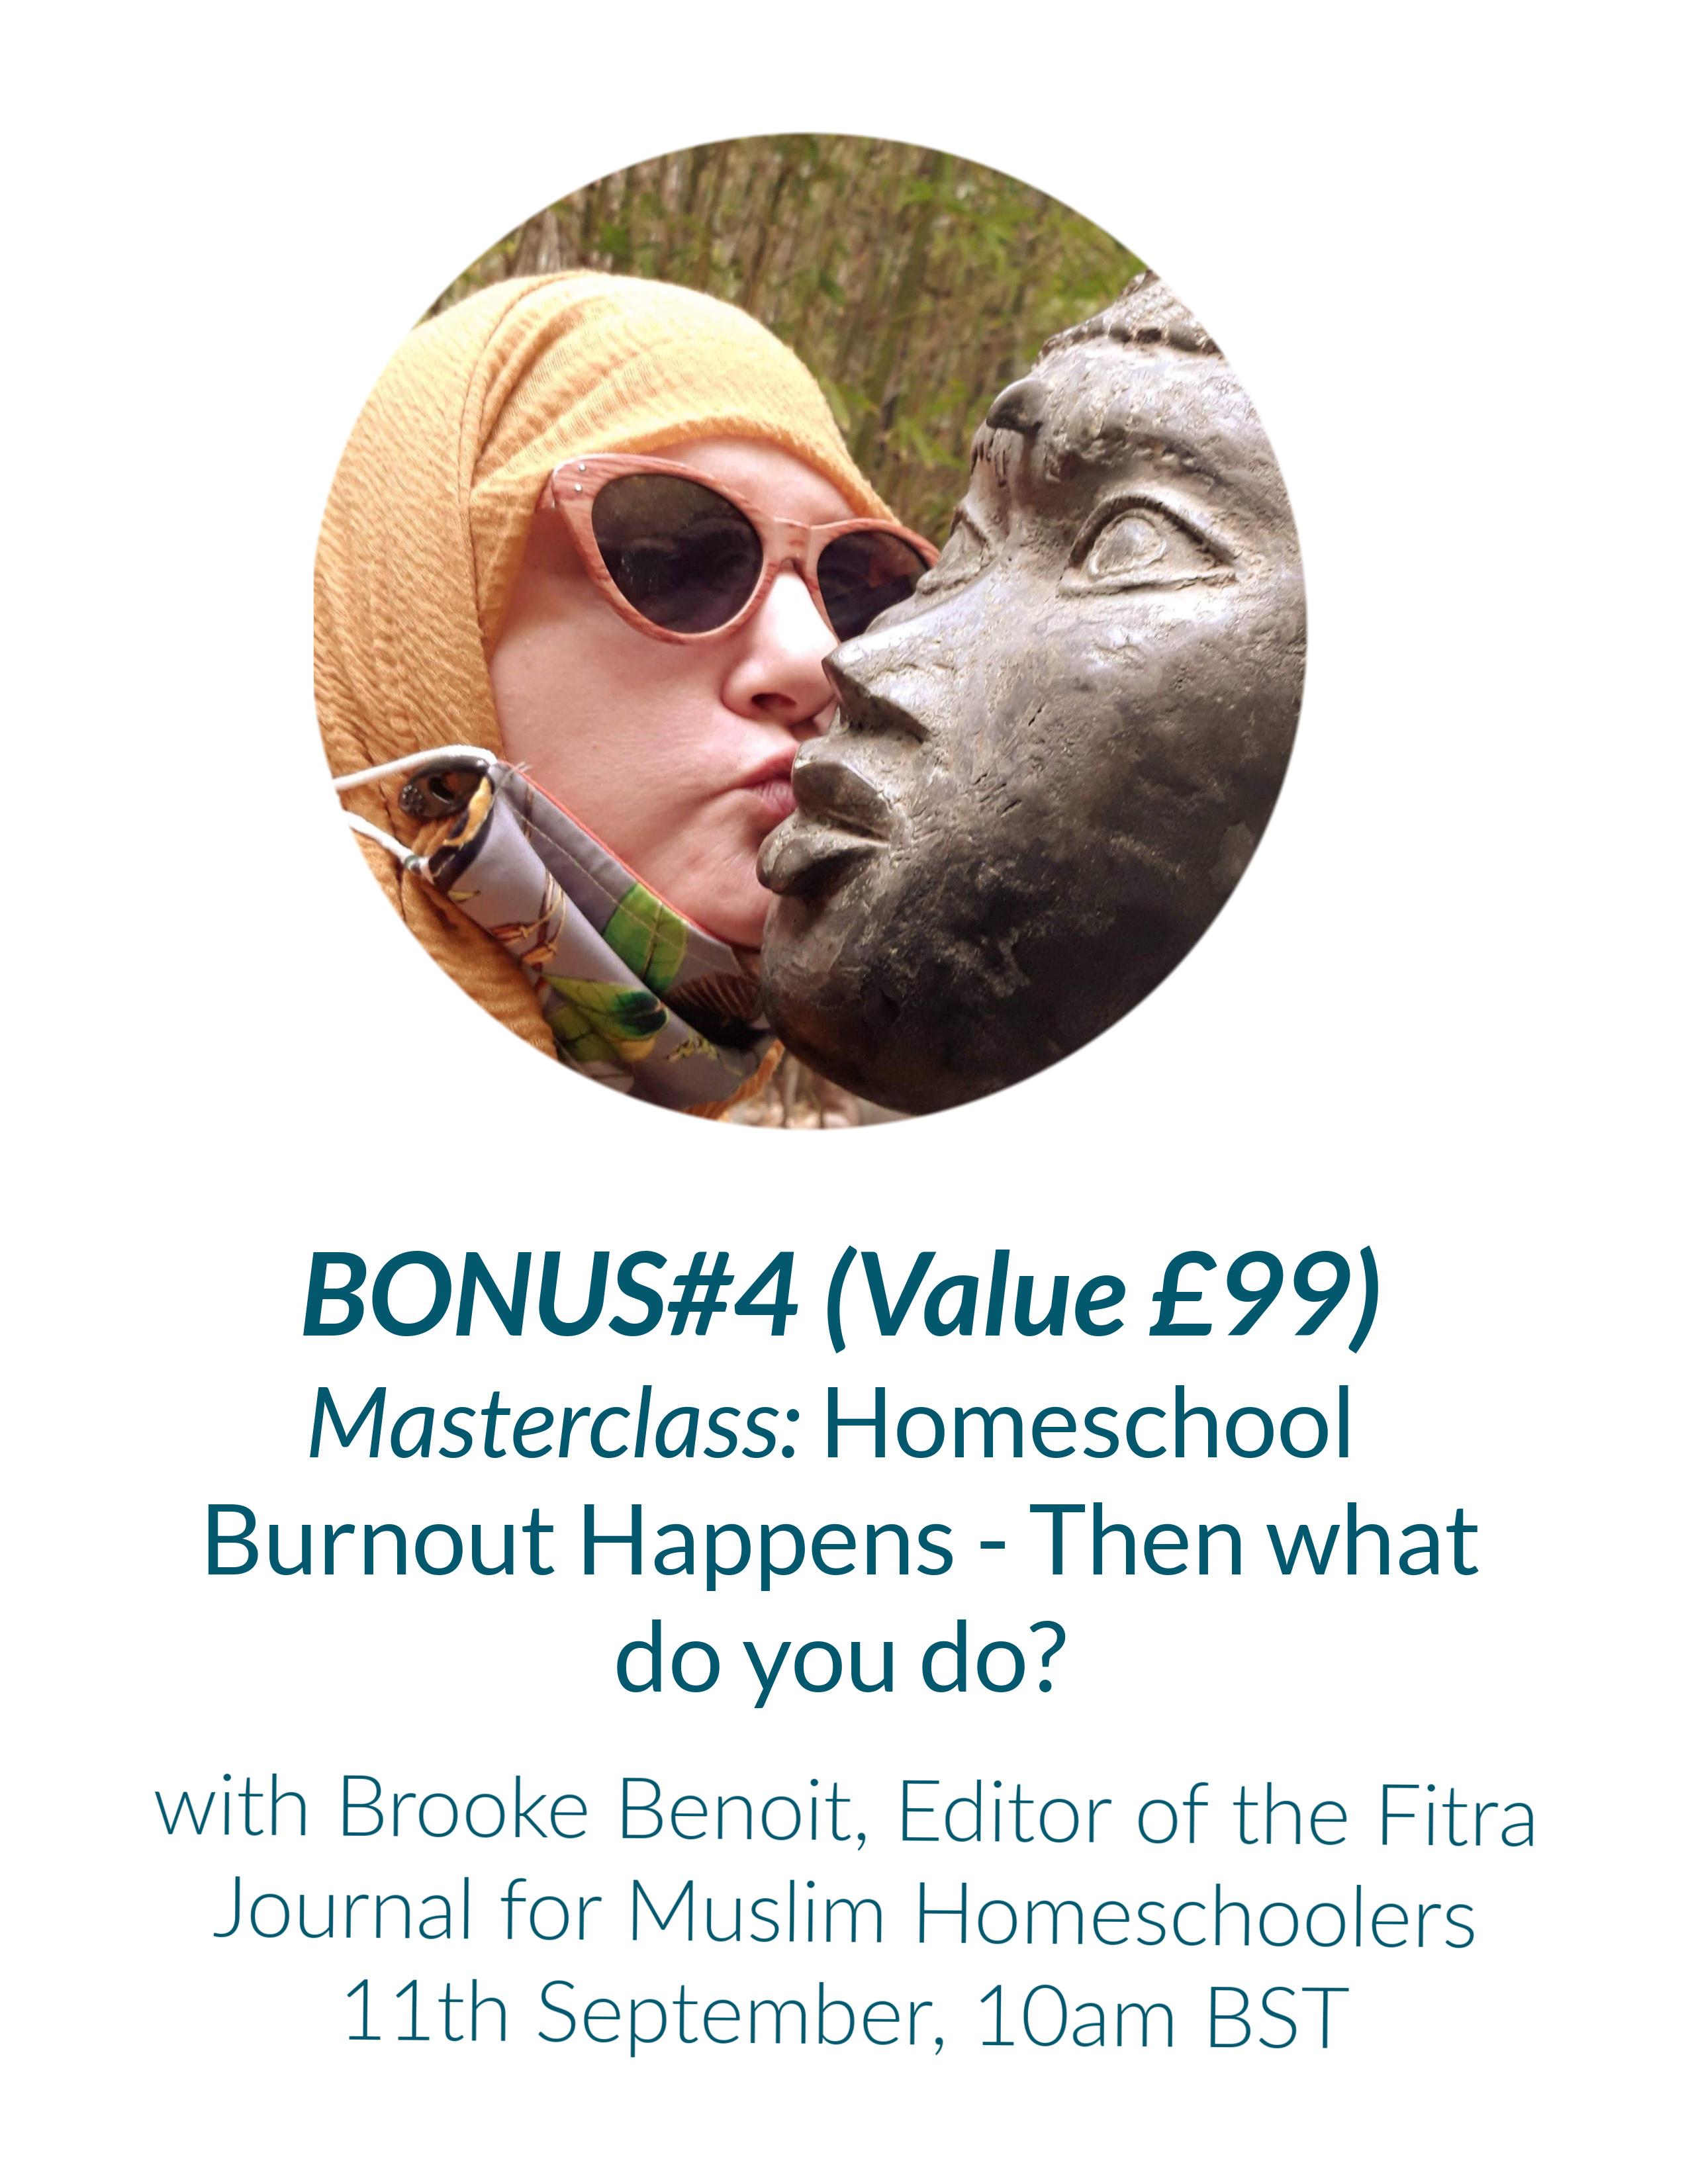 Bonus masterclass Brooke Benoit